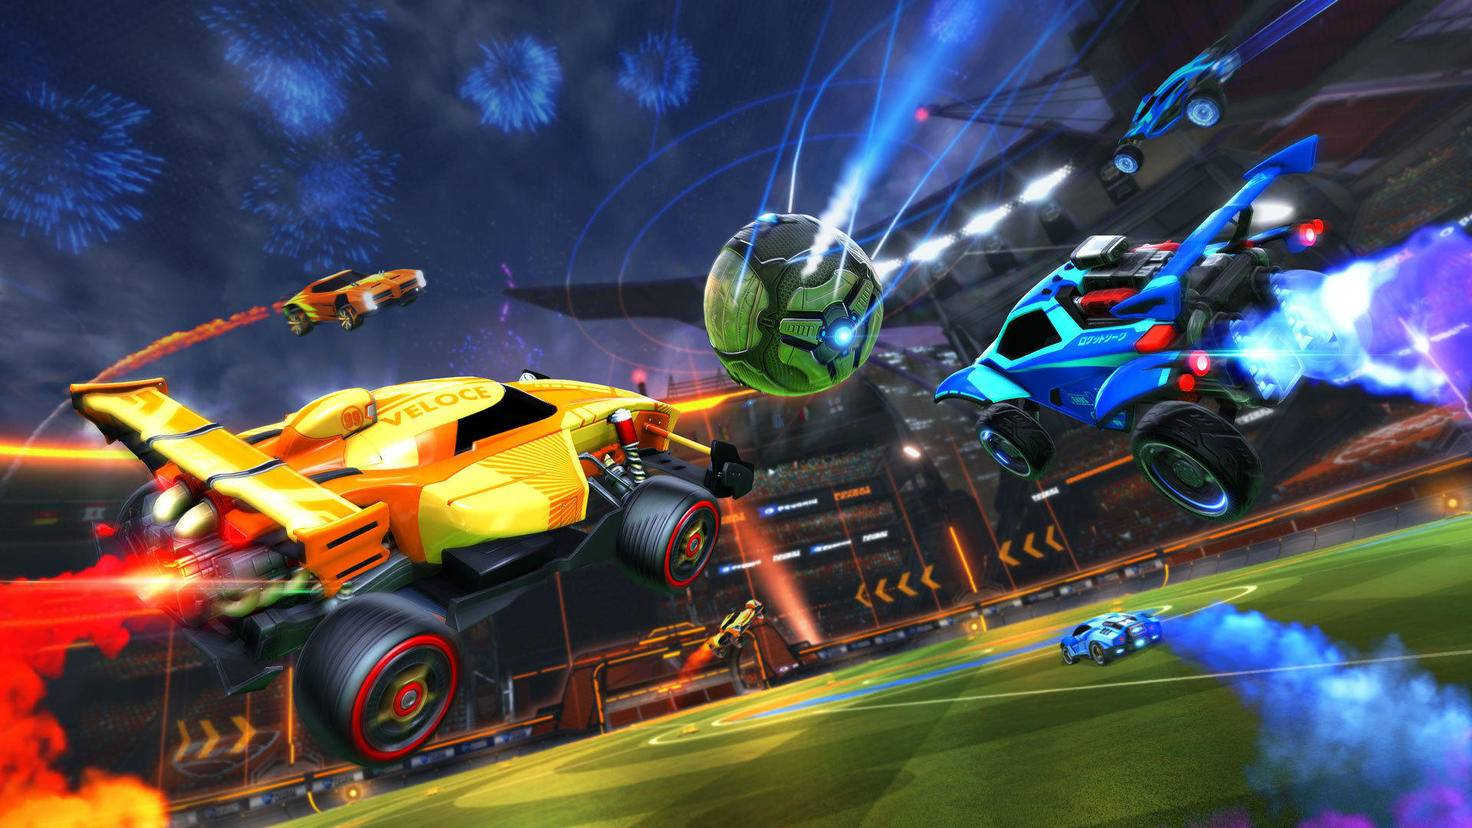 """Spiele wie """"Rocket League"""" profitierten von der Crossplay-Pionierarbeit von """"Fortnite""""."""